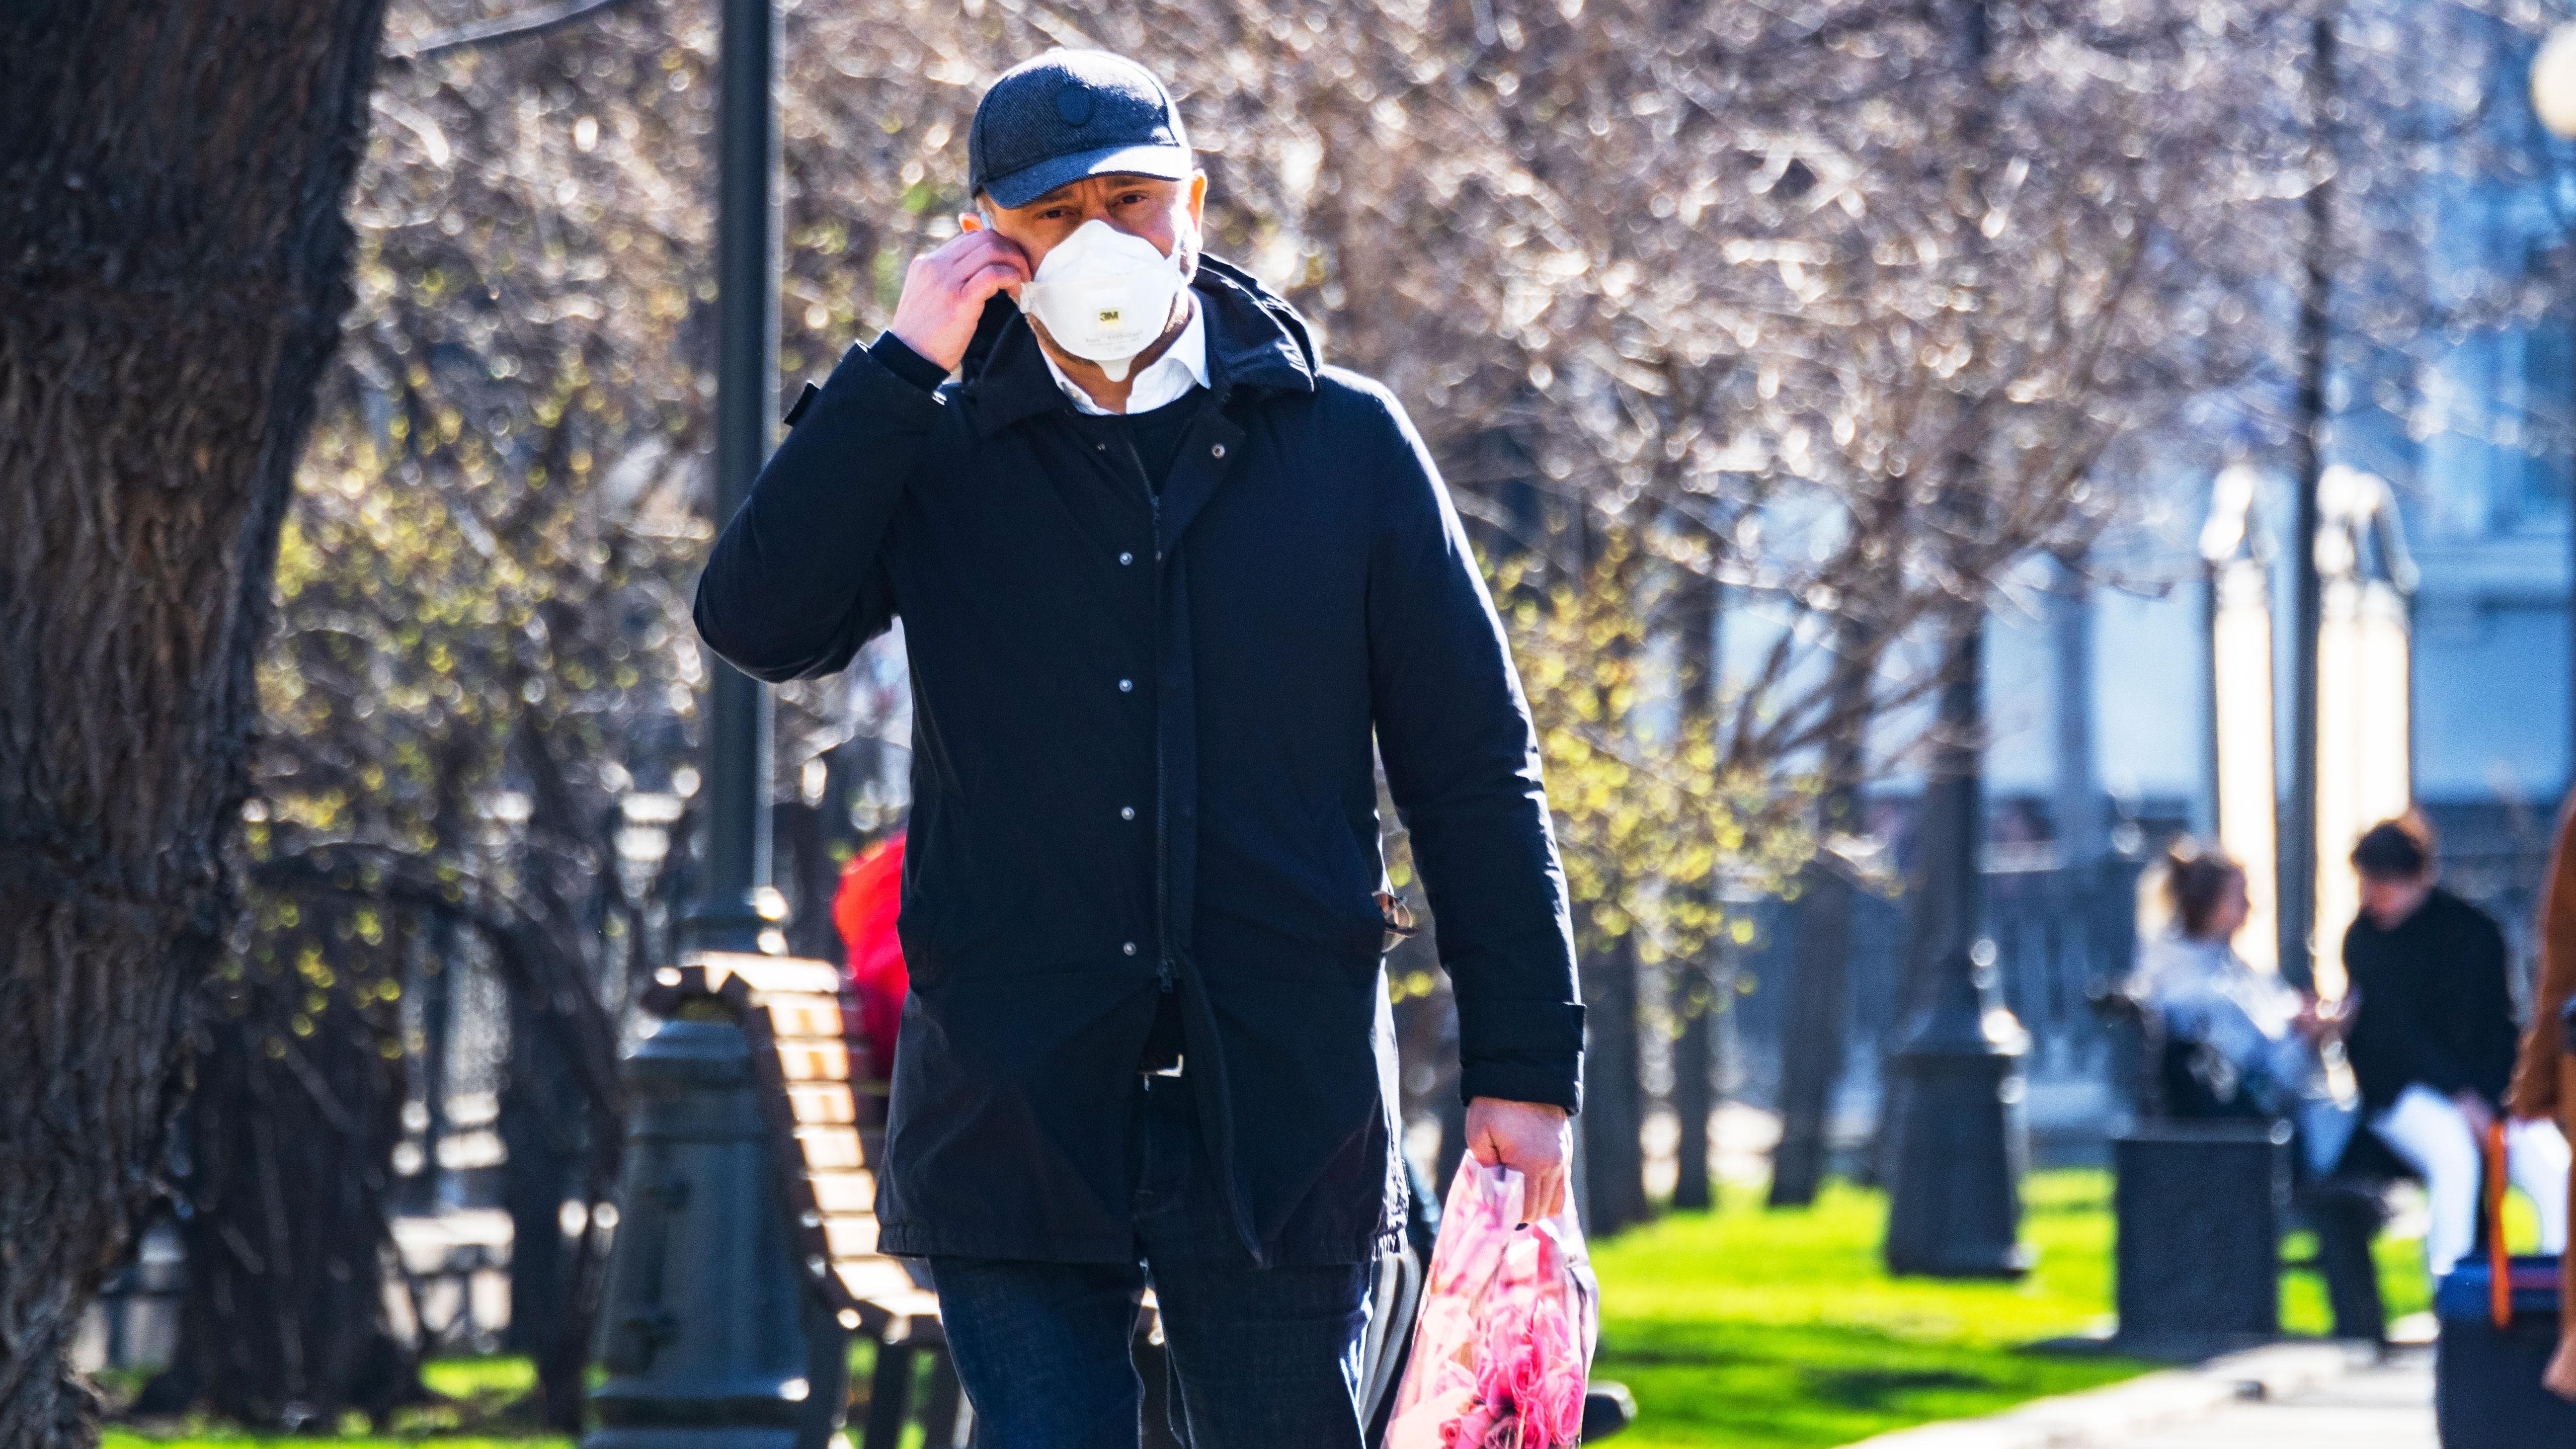 Вирусолог рассказал, когда в России наступит пик эпидемии коронавируса